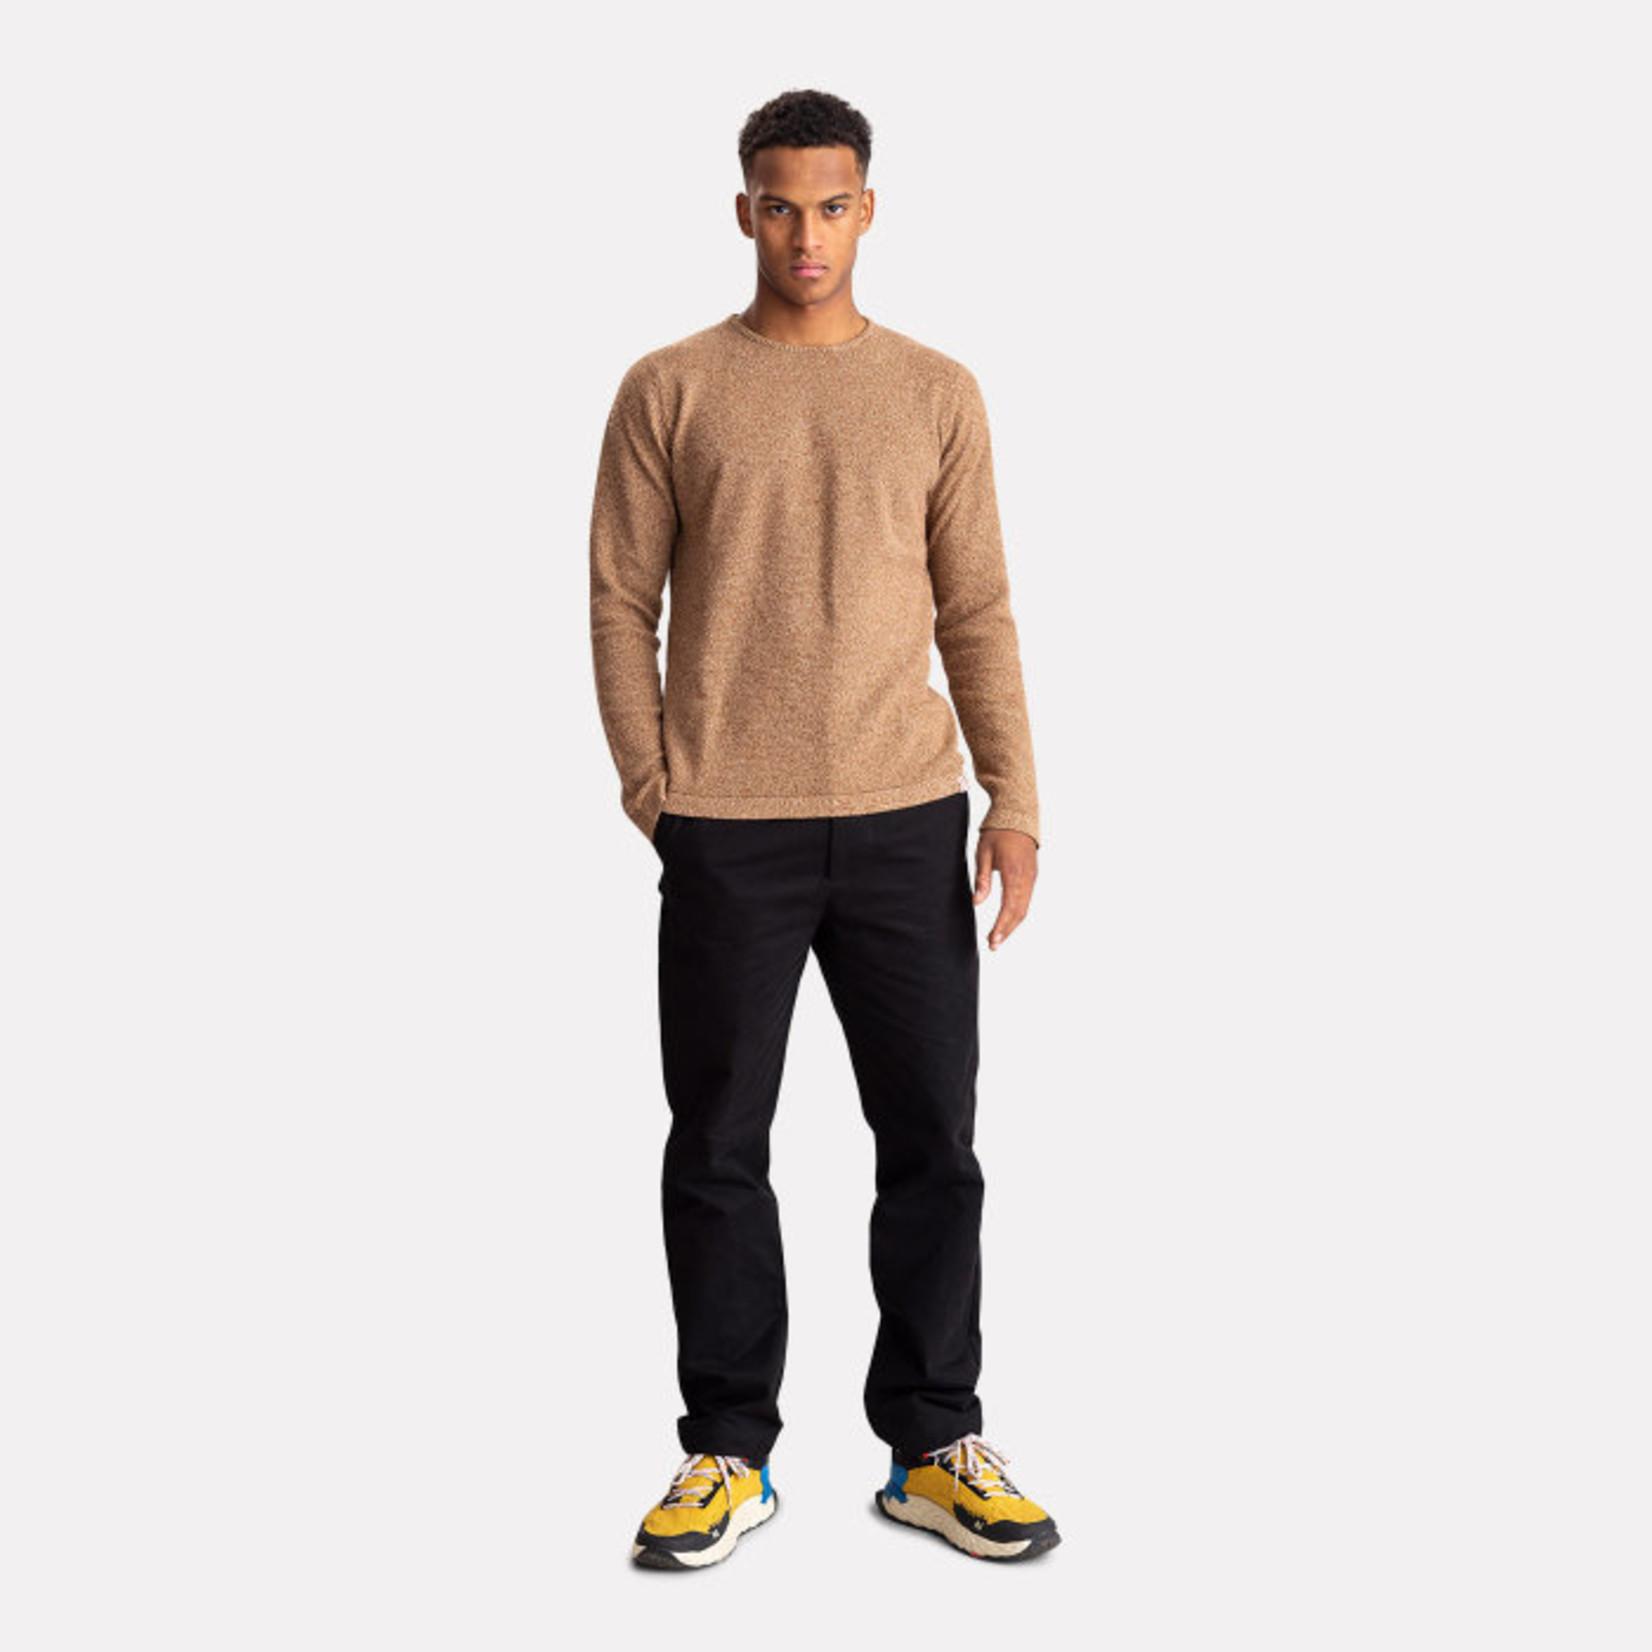 RVLT Revolution RVLT 6005 Light-Weight Knit Sweater